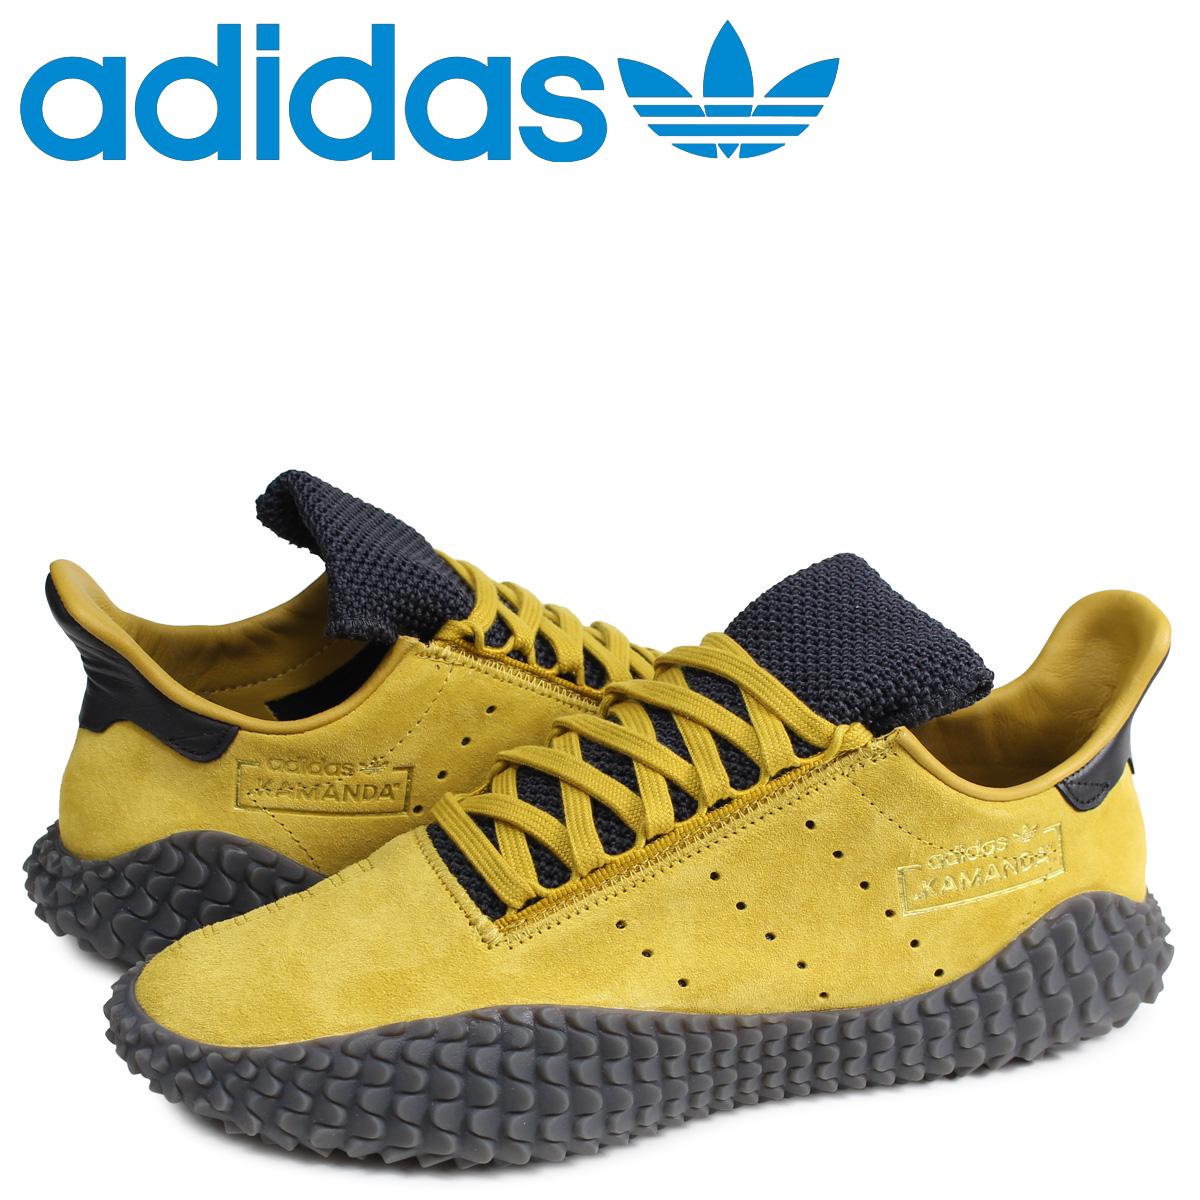 アディダス オリジナルス adidas Originals カマンダ スニーカー メンズ KAMANDA イエロー G27712